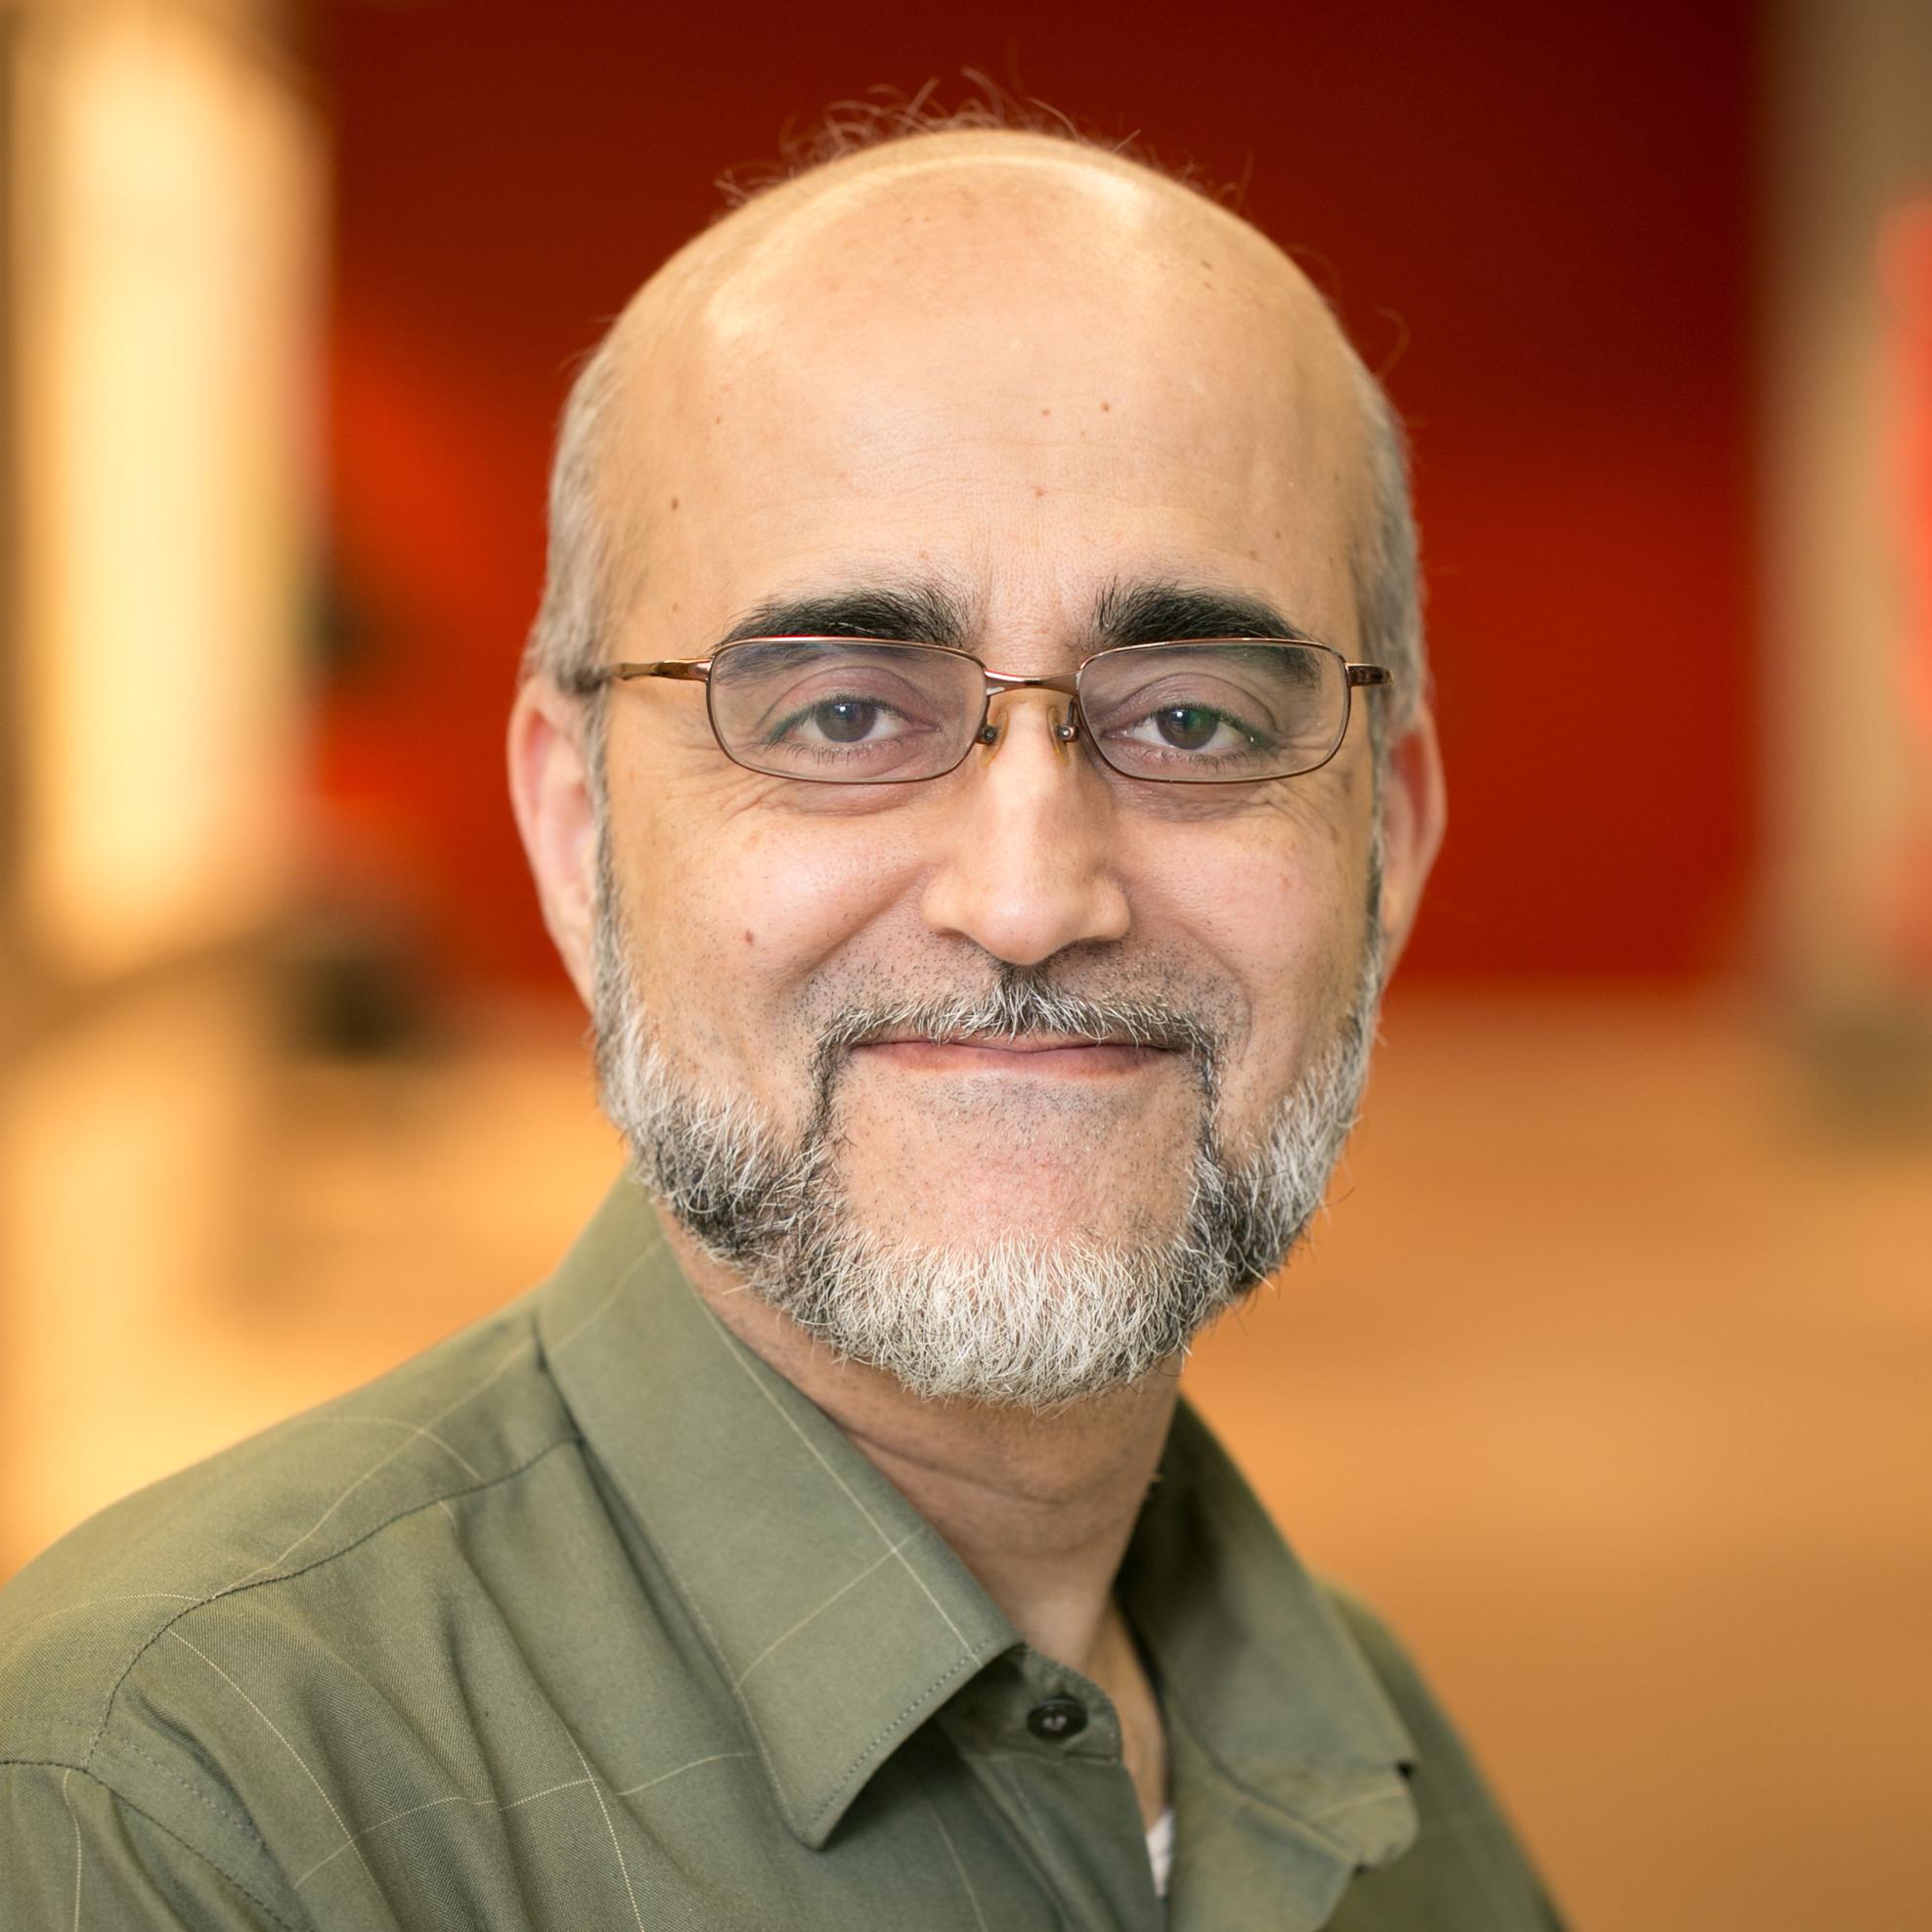 Dr. Shabbir Alibhai